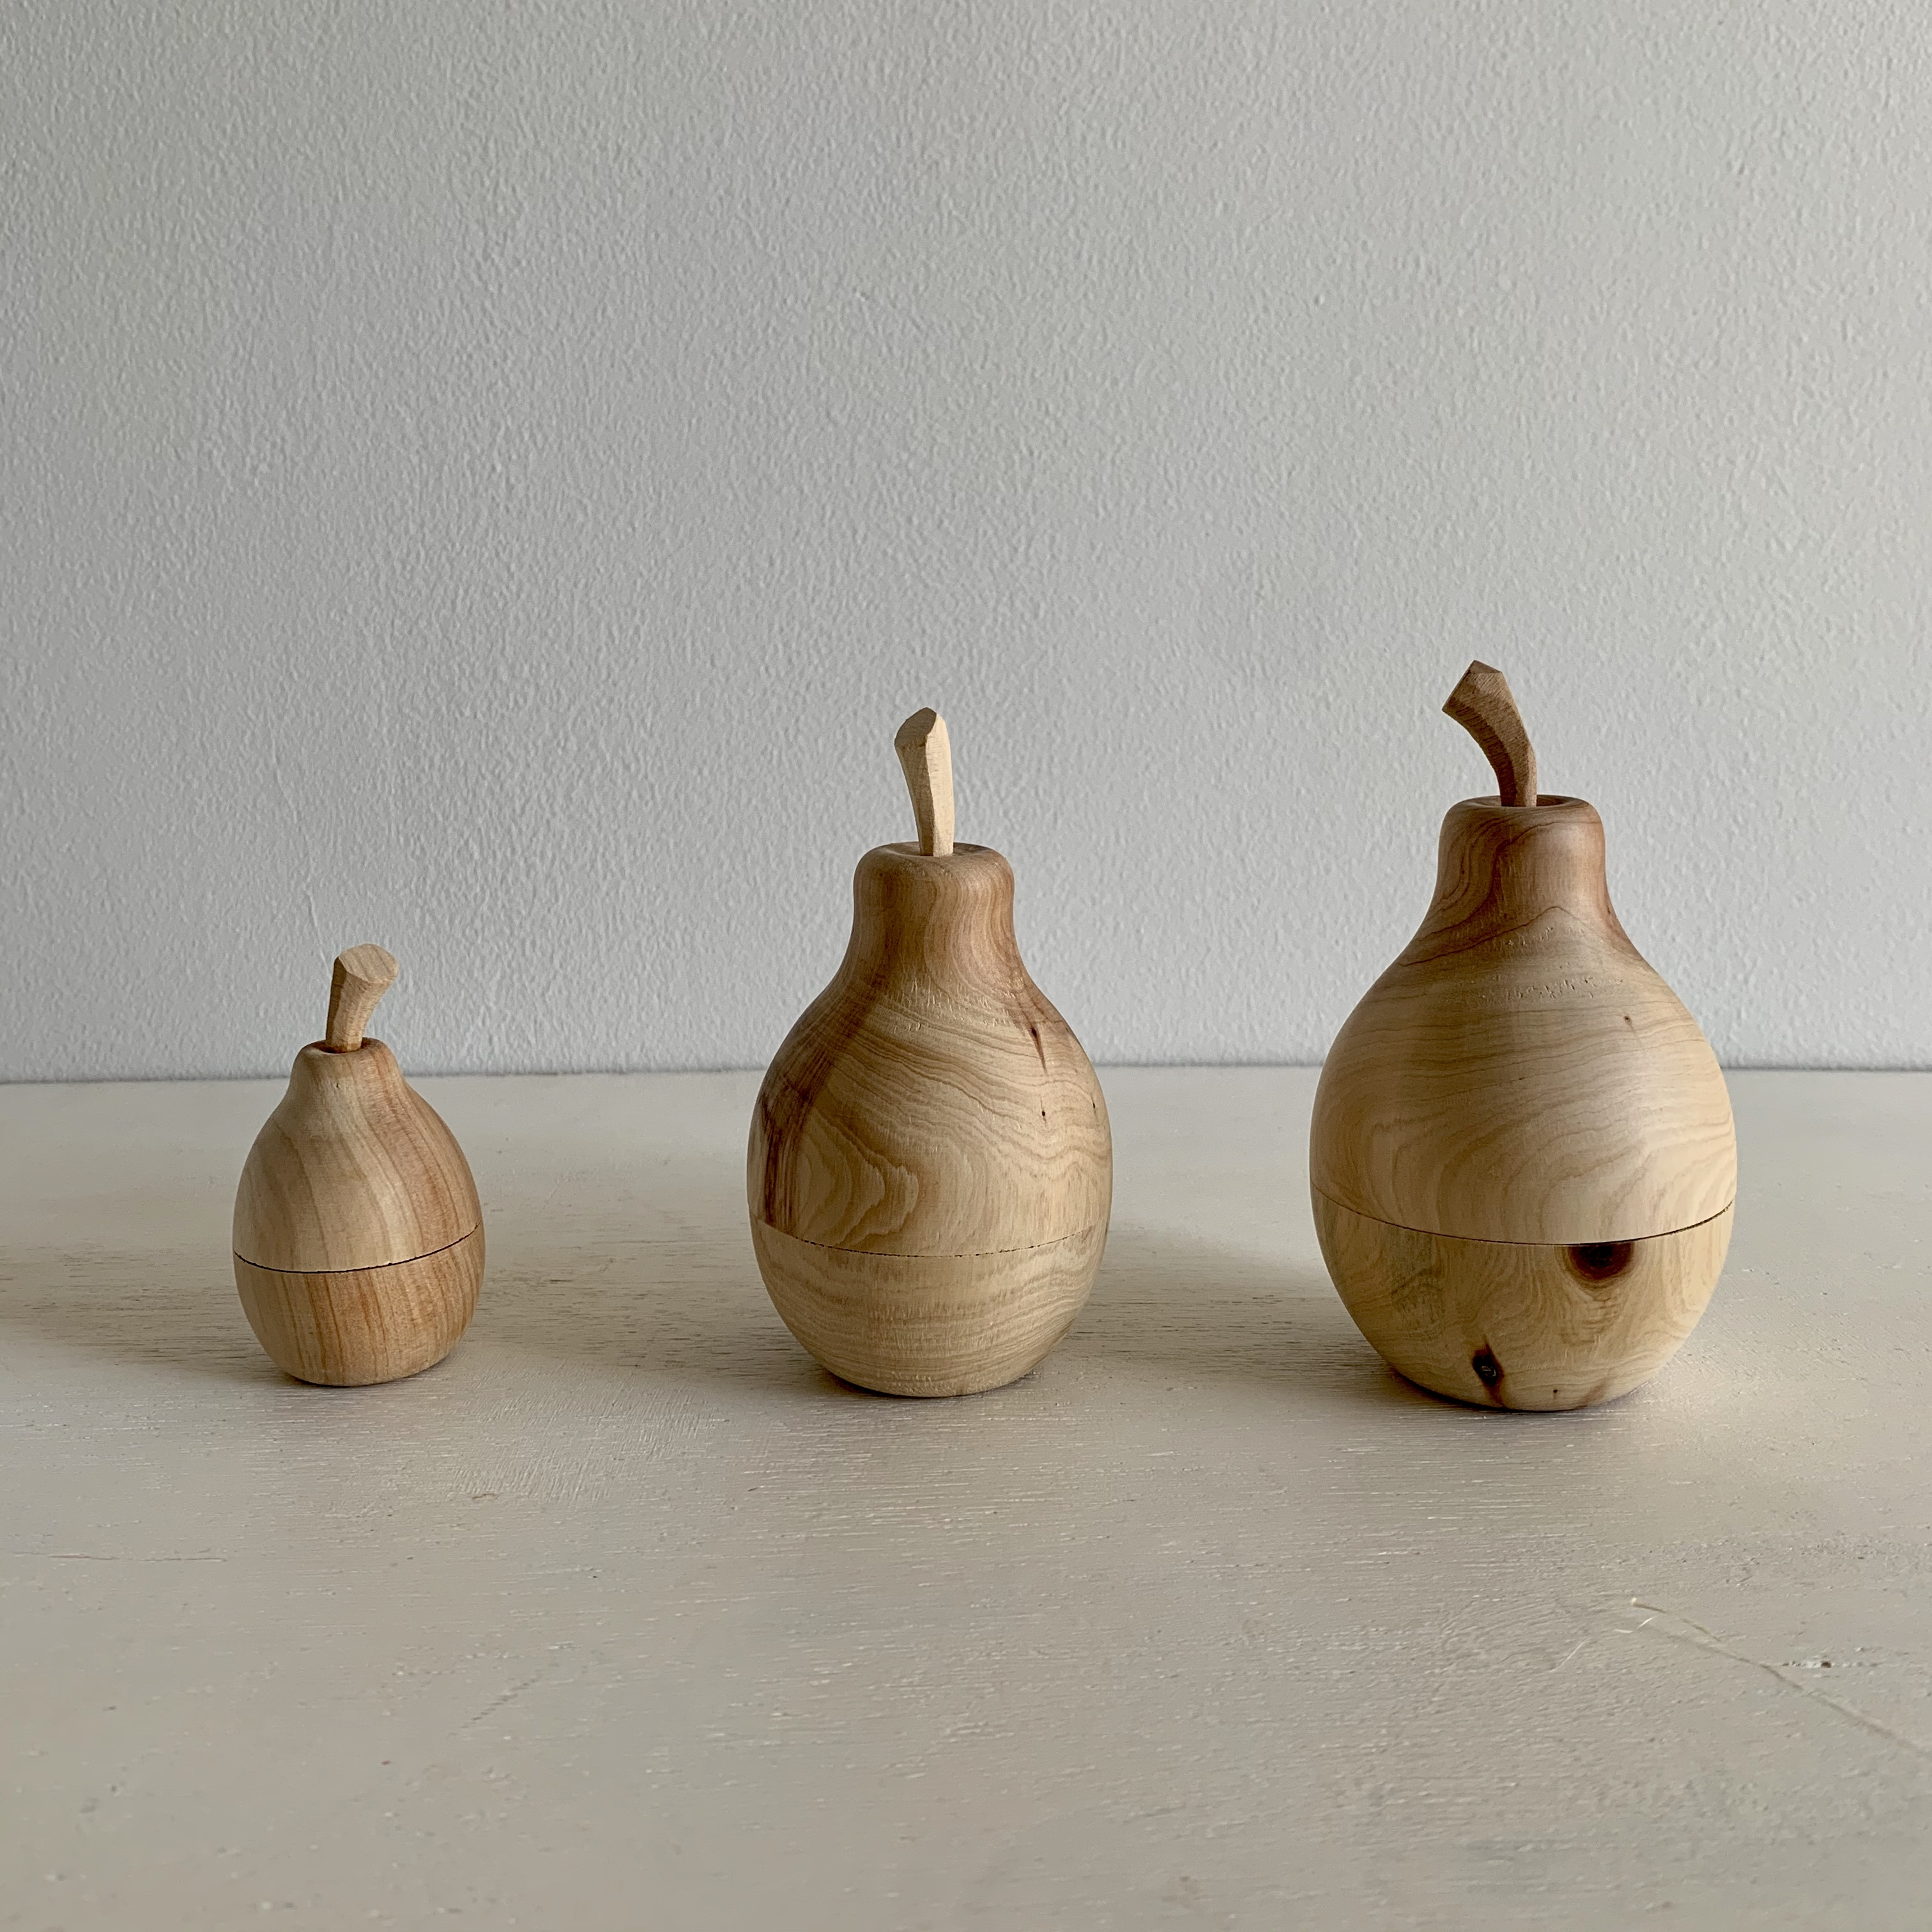 トゥイヤで作った木の洋梨の小物入れ S